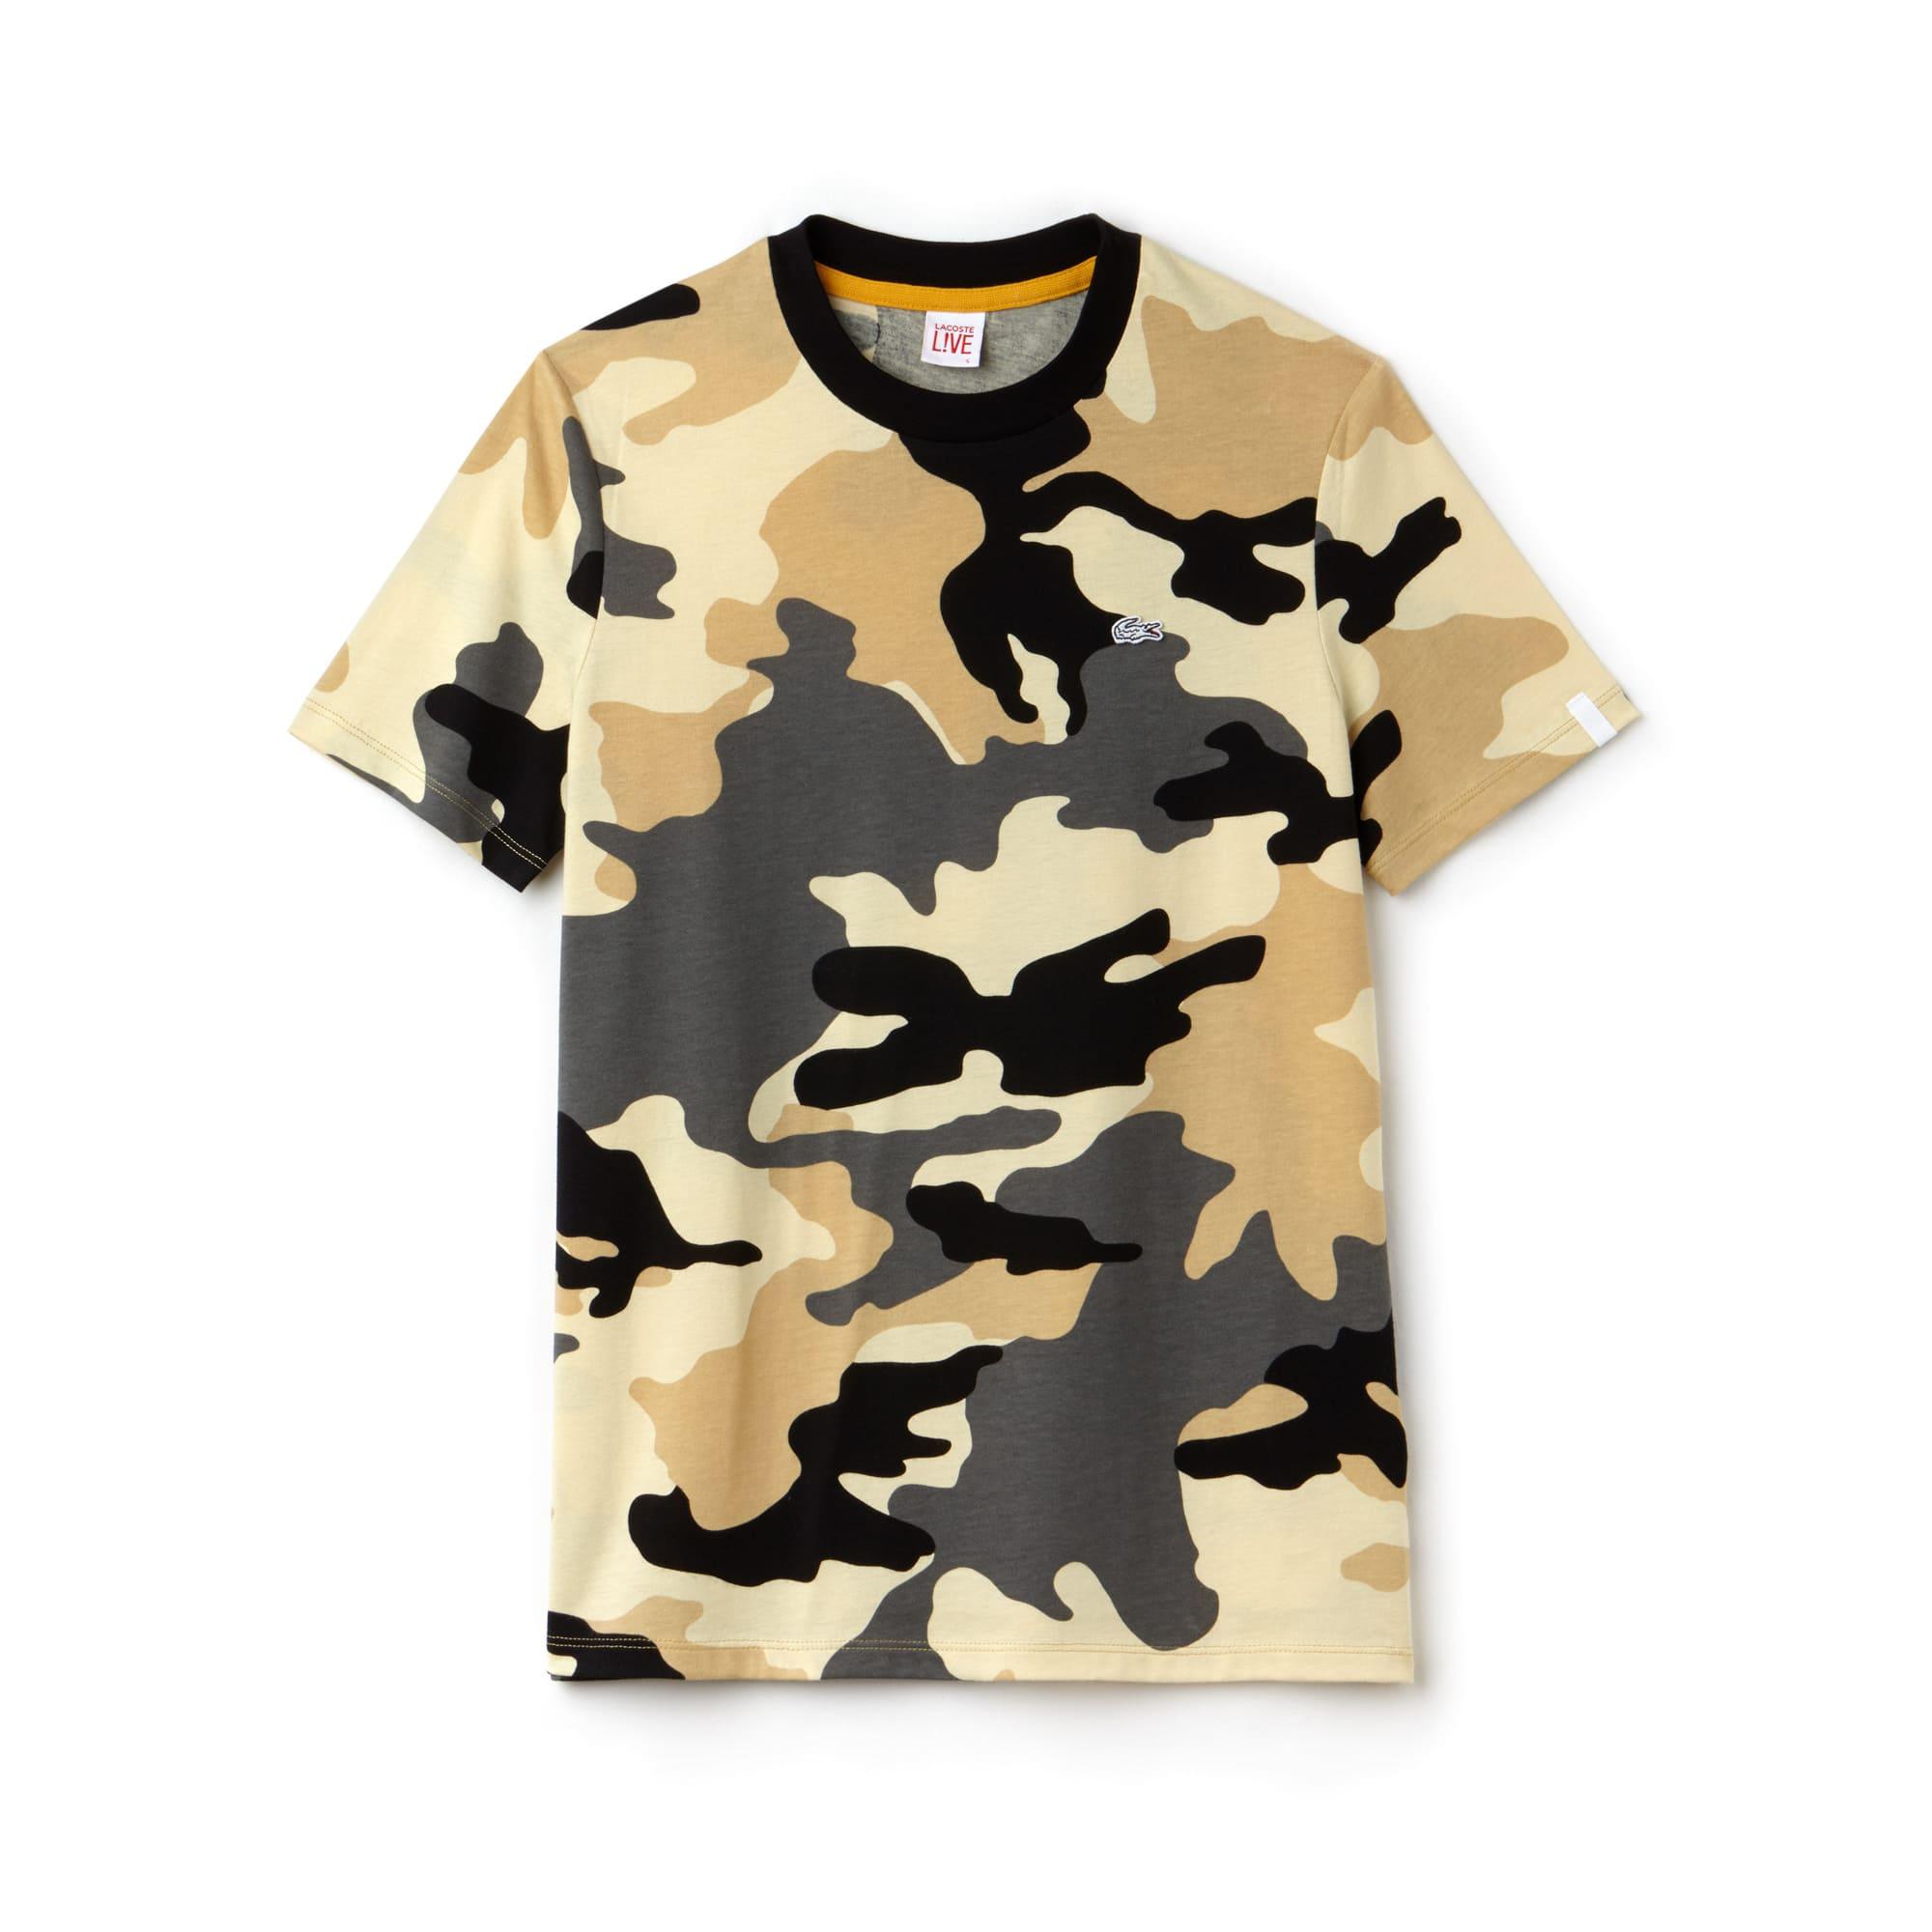 Dammen-Rundhals-T-Shirt aus Jersey mit Tarnmuster LACOSTE L!VE